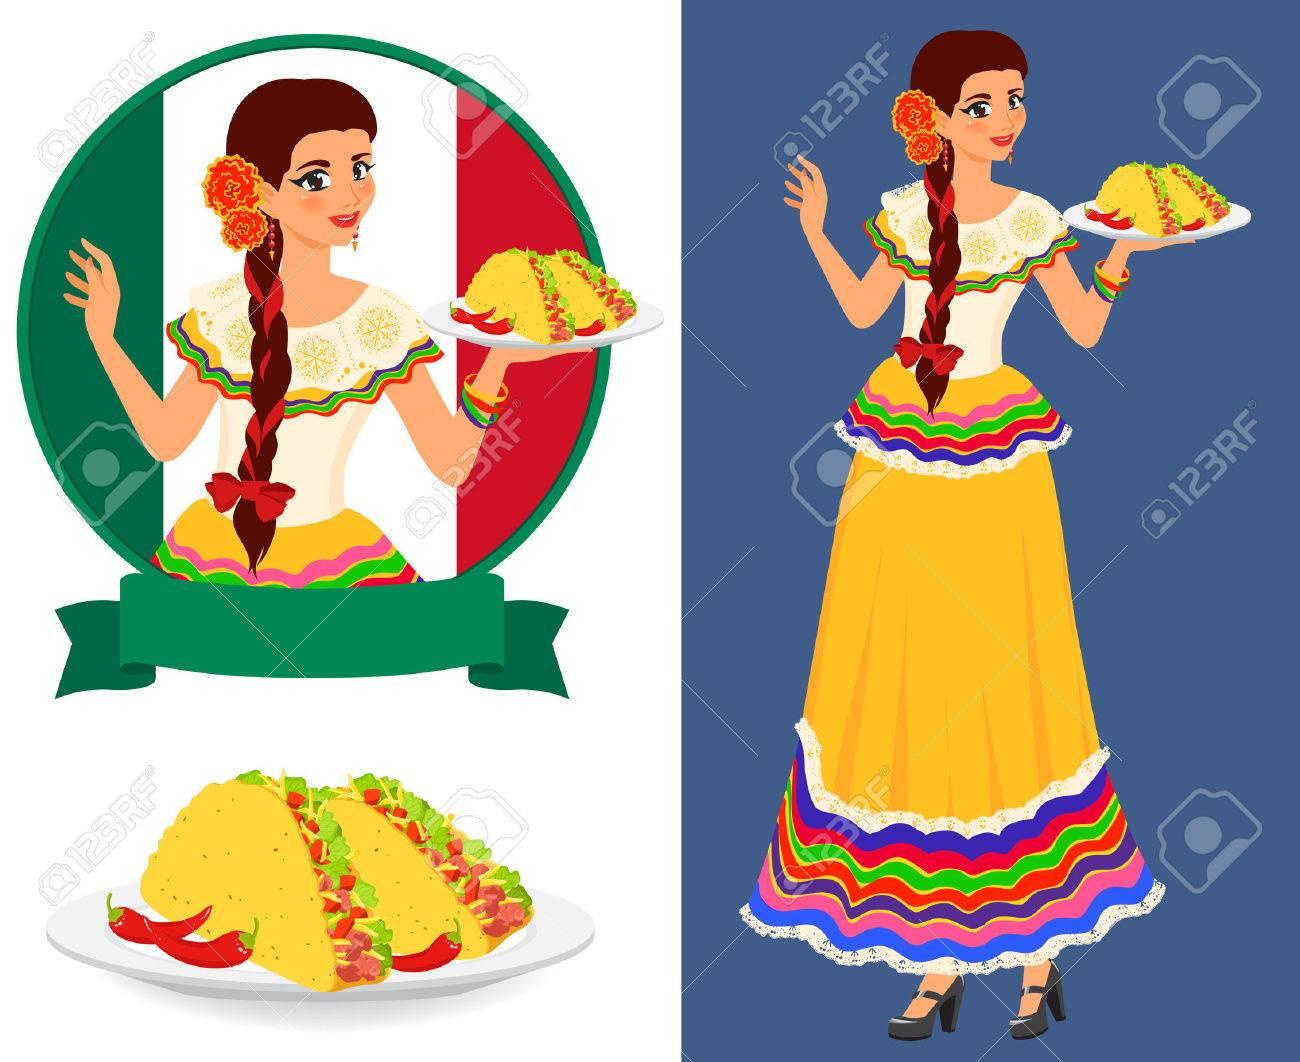 Camarera bonita joven sirve platos con comida mexicana clásica - taco. Chica lleva vestido nacional étnico. Ella es buena anfitriona y tiene hermosa sonrisa. Objetos vectoriales de colores aislados. Foto de archivo - 34516487